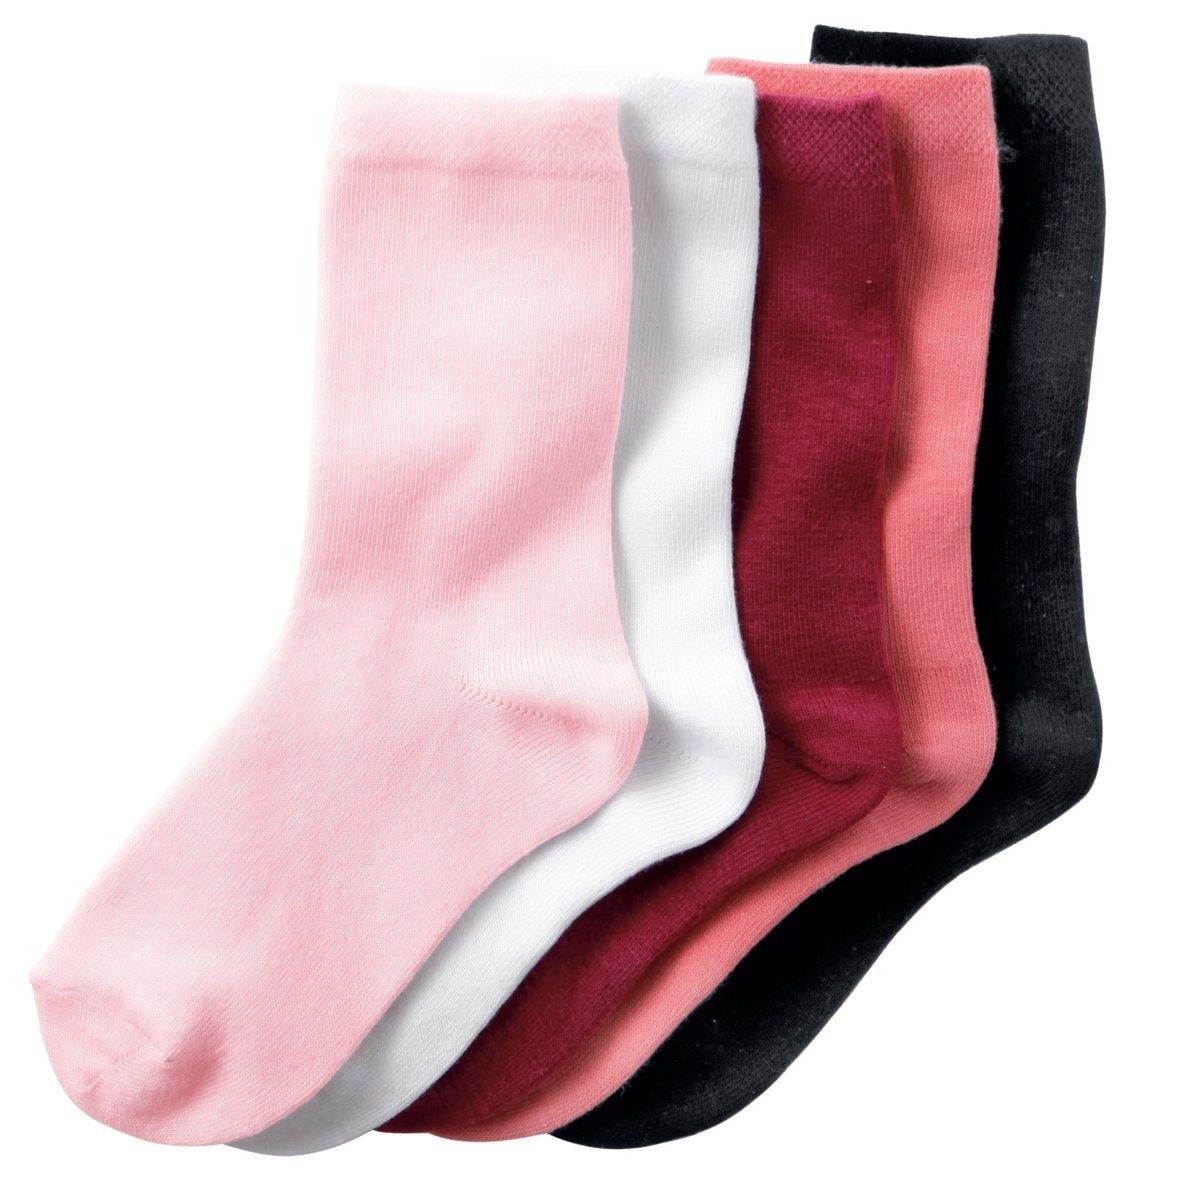 5 пар низких носковНоски низкие однотонные. В комплекте 5 пар носков.Состав и описание : Материал       78% хлопка, 20% полиамида, 2% эластанаМарка       R ?dition Уход :Машинная стирка при 30°C с вещами подобных цветов.Стирать, предварительно вывернув на изнанку.Машинная сушка запрещена.Не гладить.<br><br>Цвет: белый + розовый + черный<br>Размер: 19/22